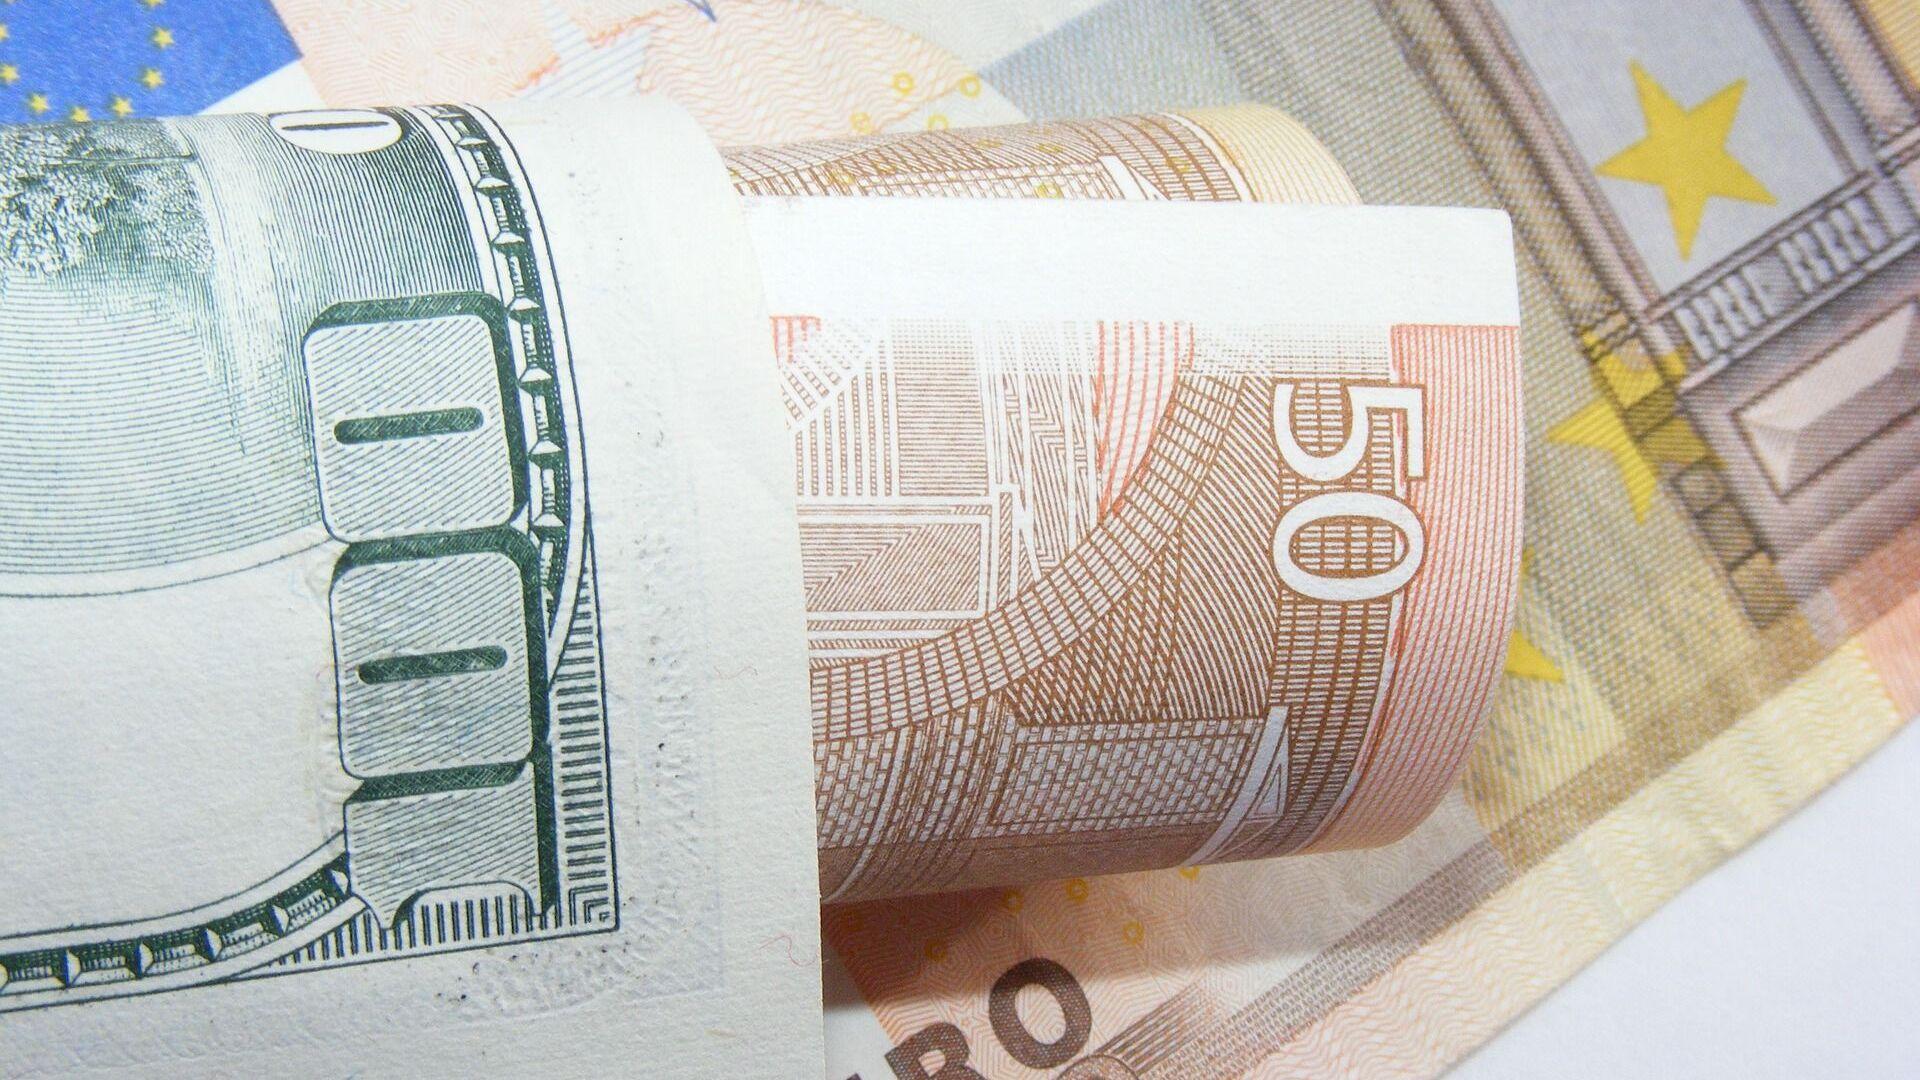 Доллары и евро - Sputnik Беларусь, 1920, 12.10.2021